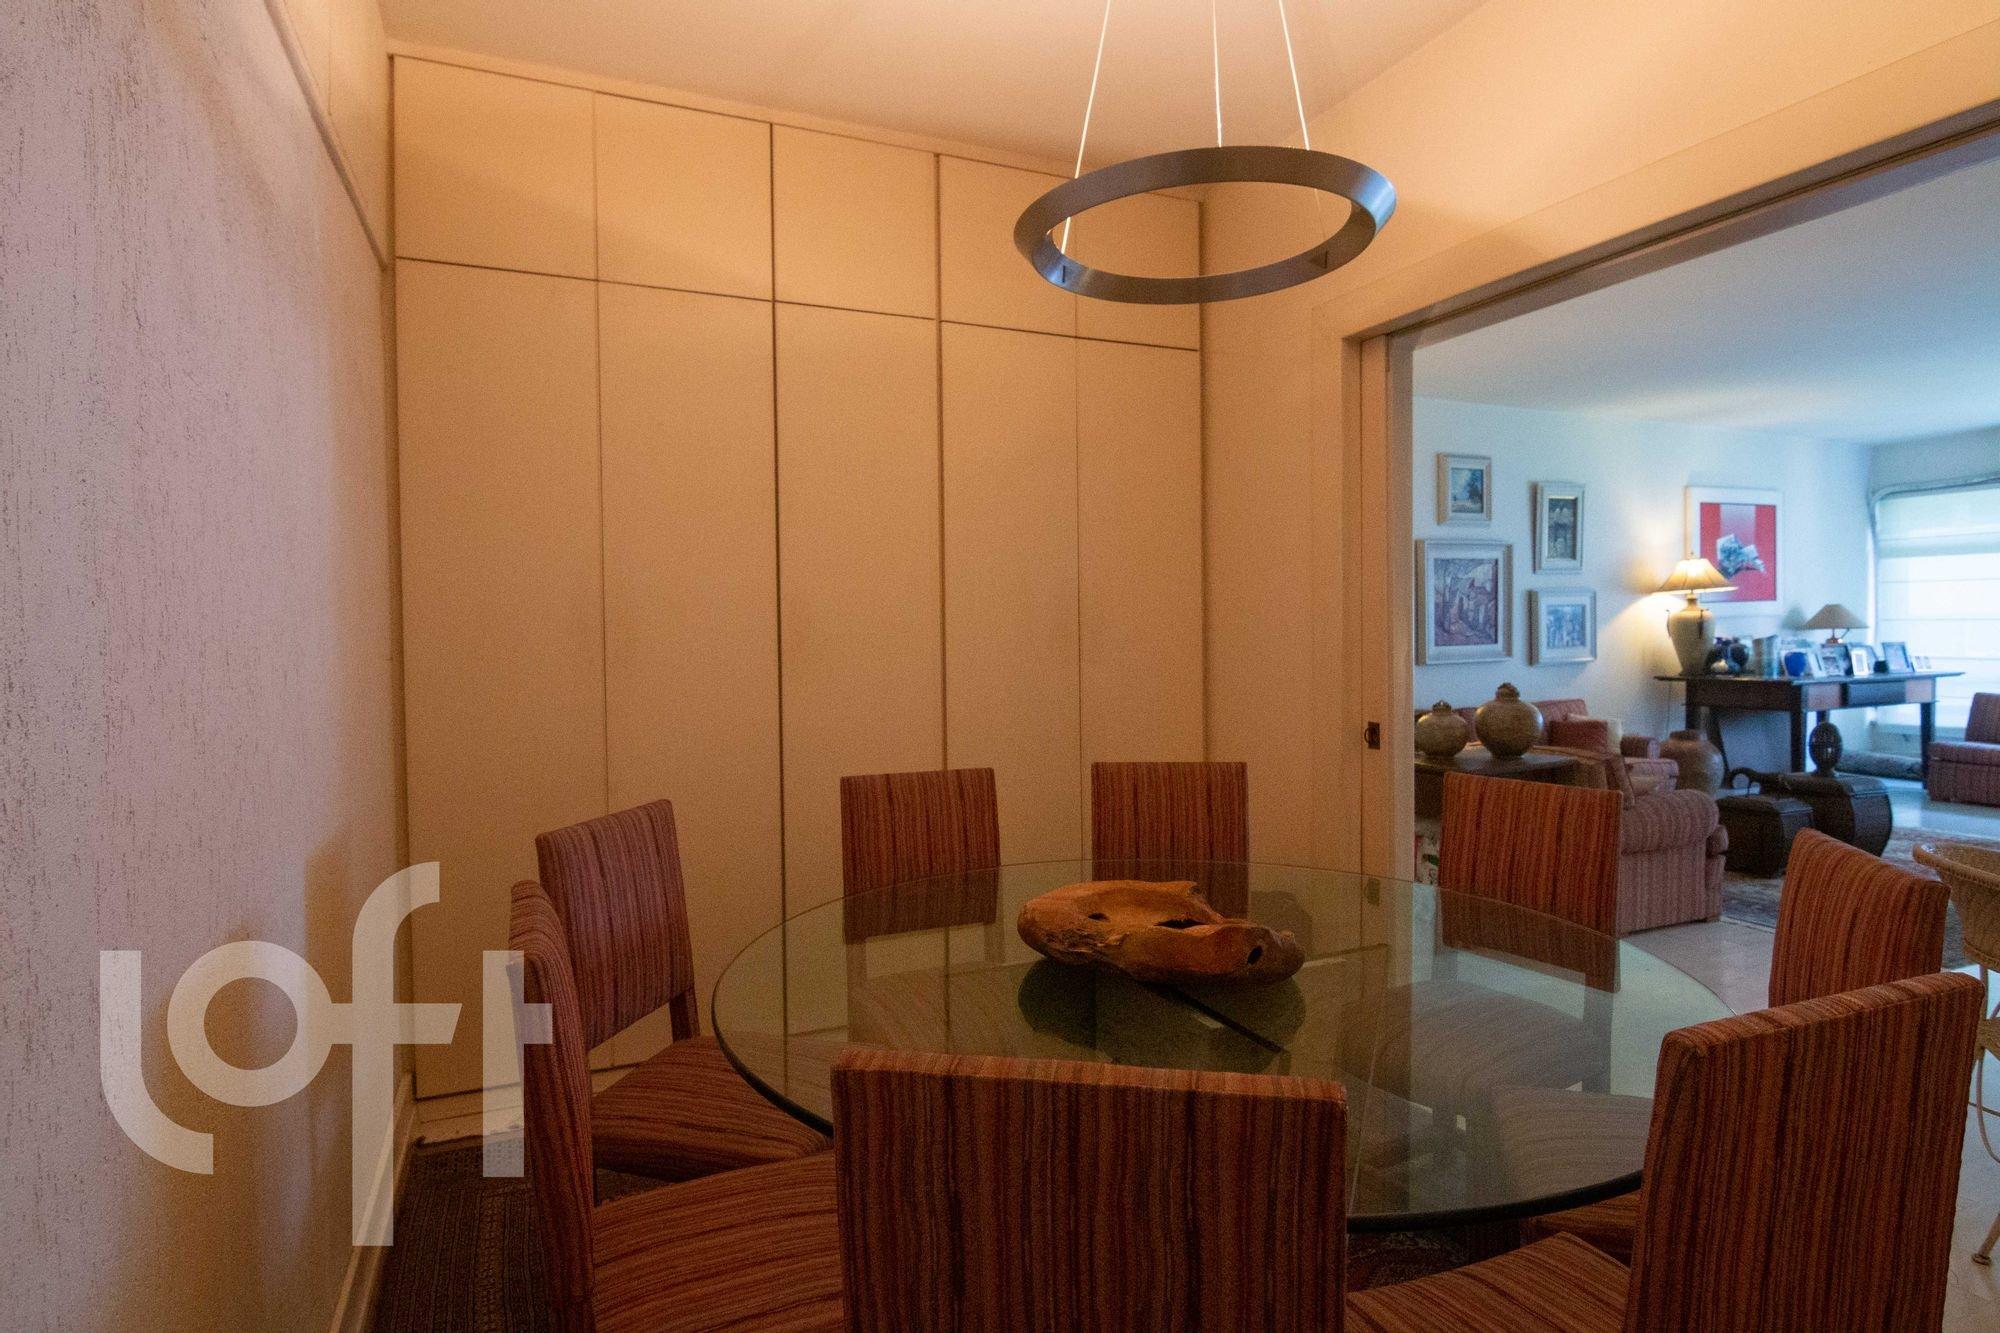 Foto de Sala com cadeira, mesa de jantar